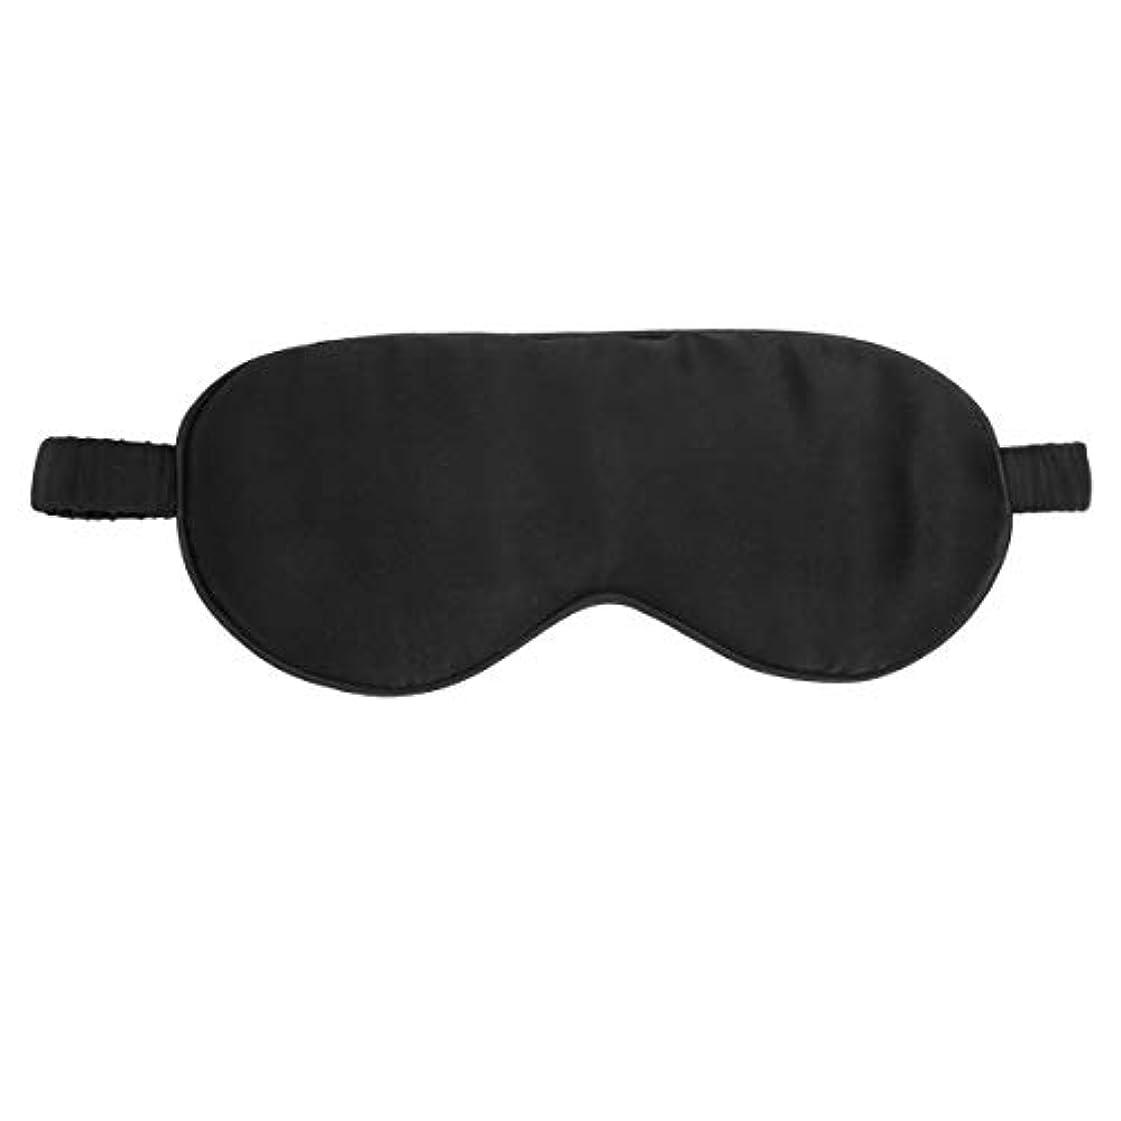 死ぬ服を片付ける電卓SUPVOX アイマスク 安眠アイマスク 睡眠 遮光 マスク シルク 圧迫感なし 目に優しい 軽量 旅行 飛行機 疲労回復 男女兼用